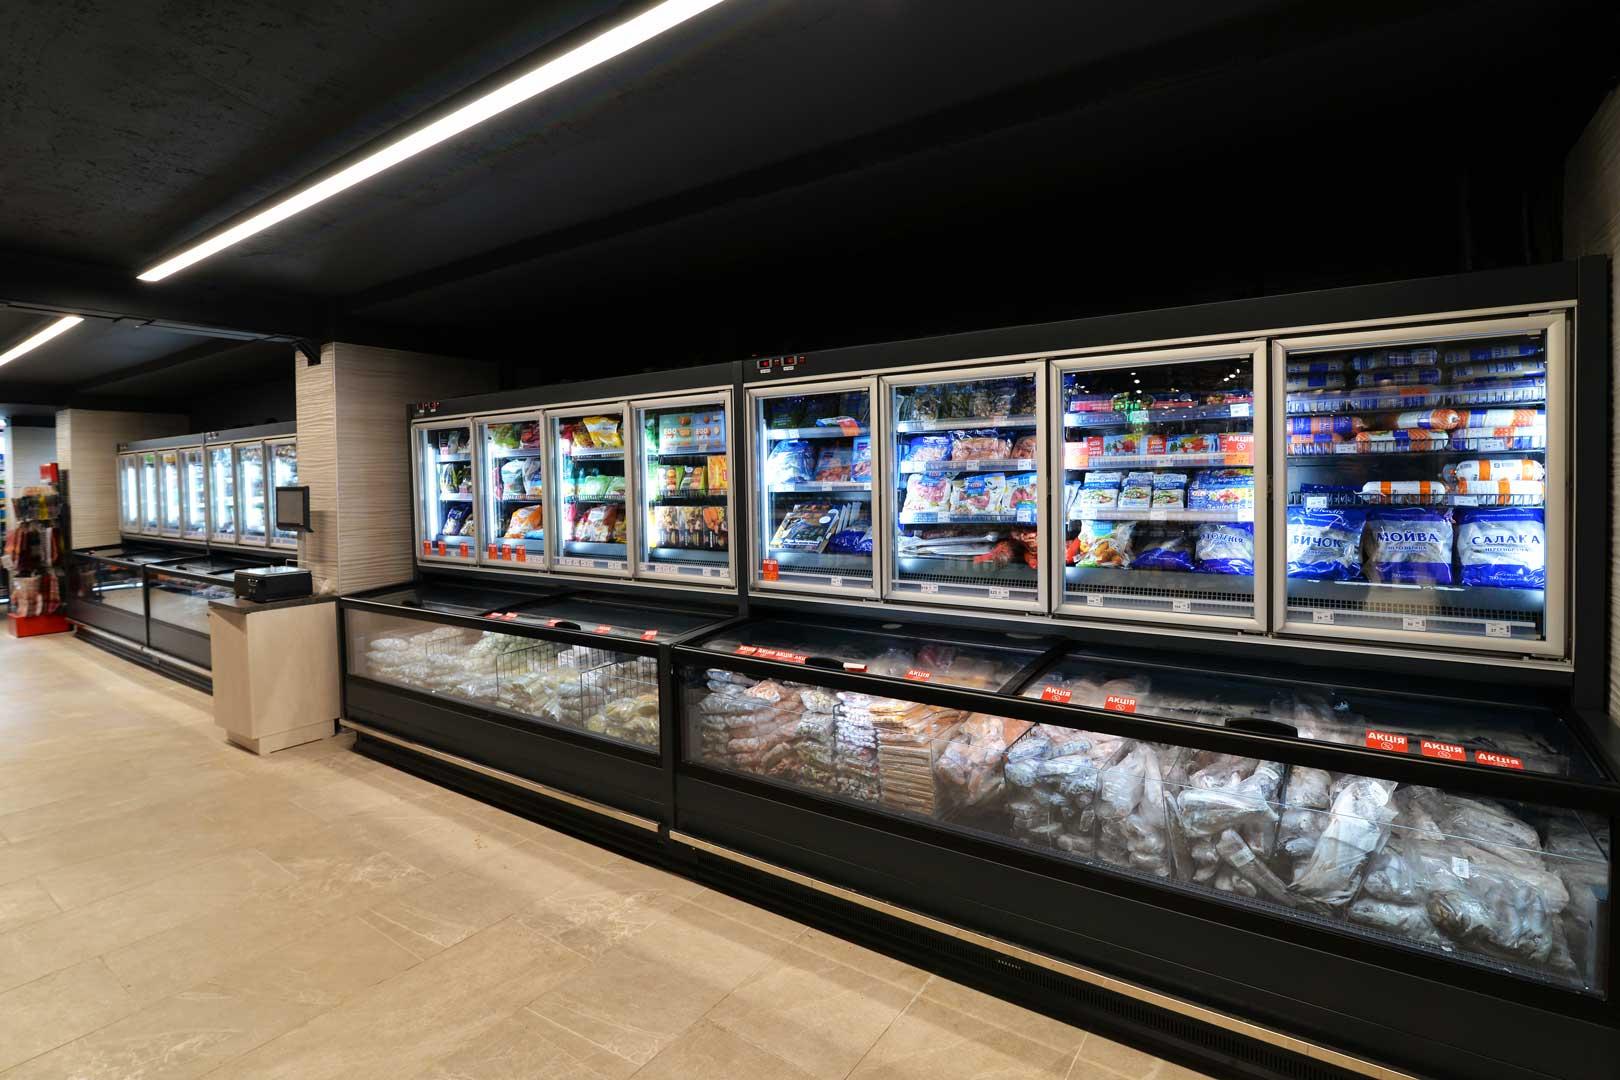 Frozen foods units Аlaska combi 2 MHV 110 LT D C 200